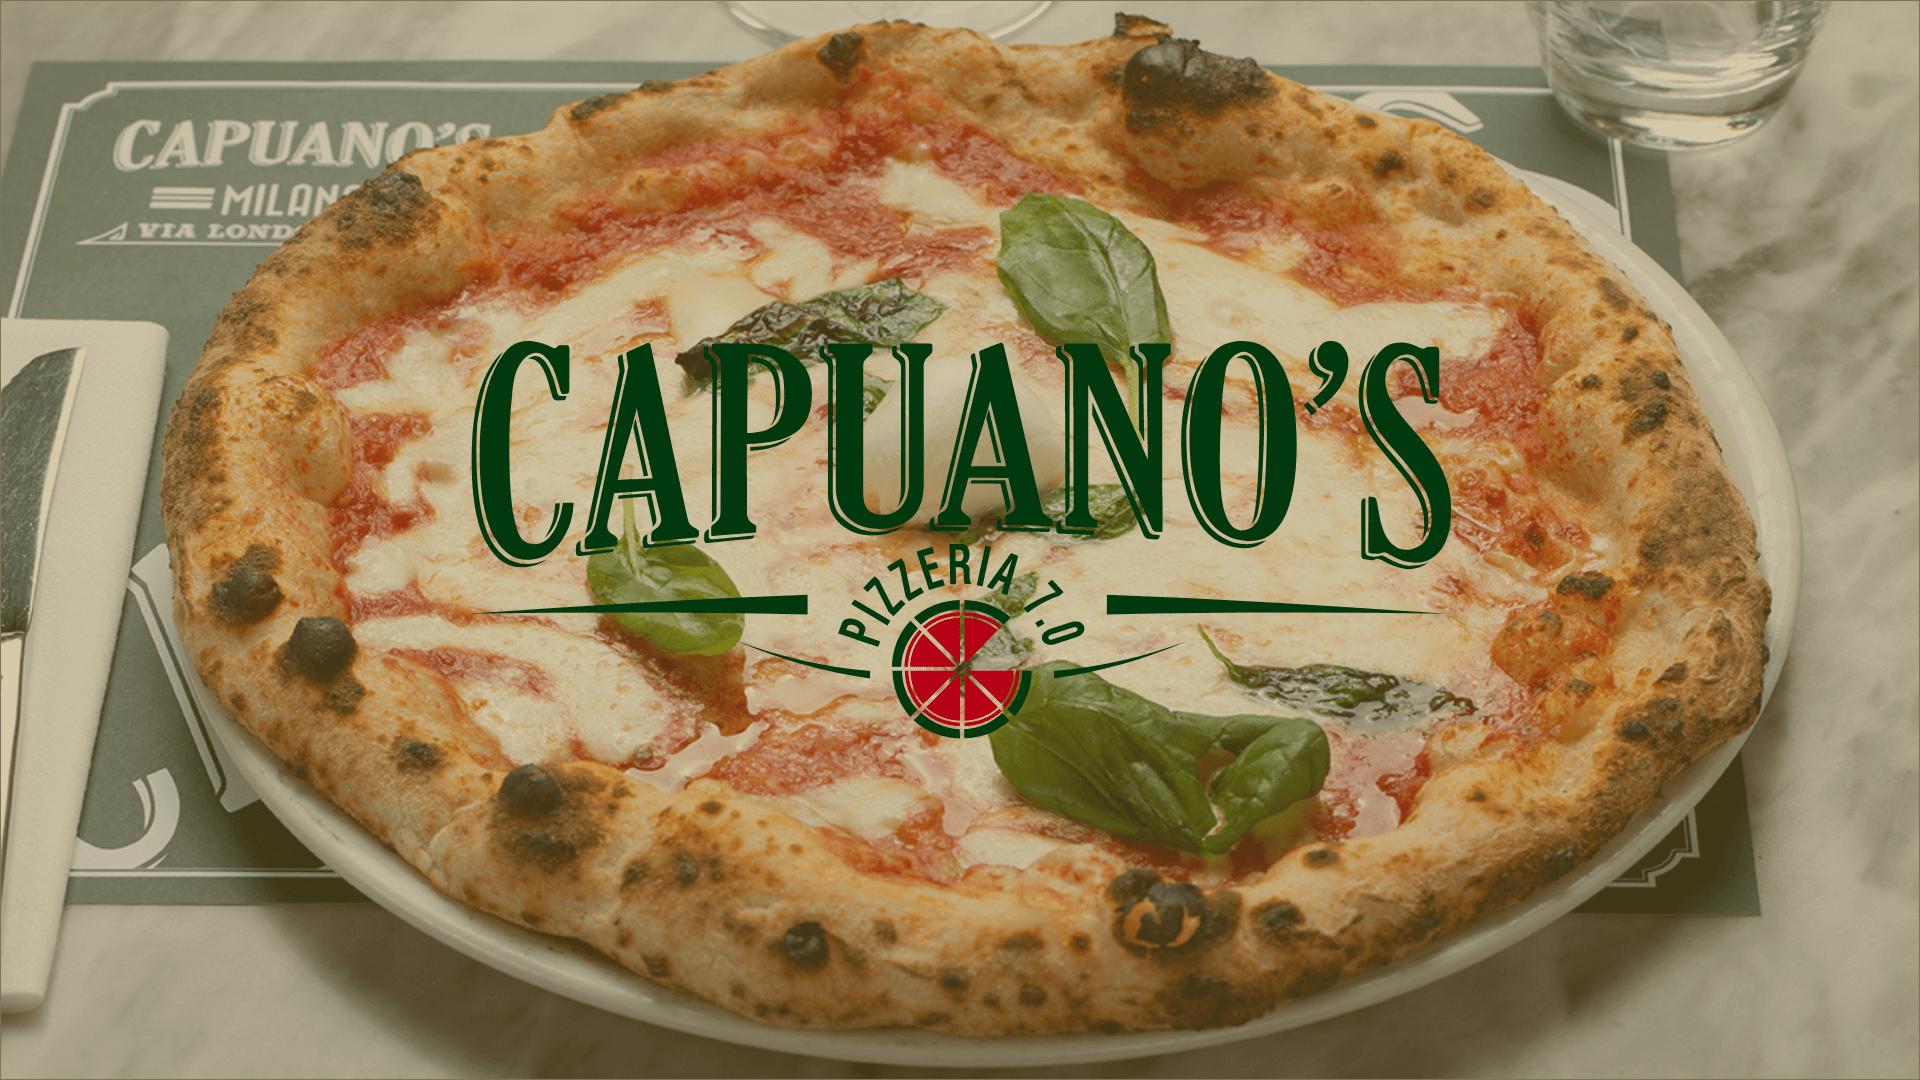 Pizza appena sfornata e impiattata, con logo e scritta Capuano's